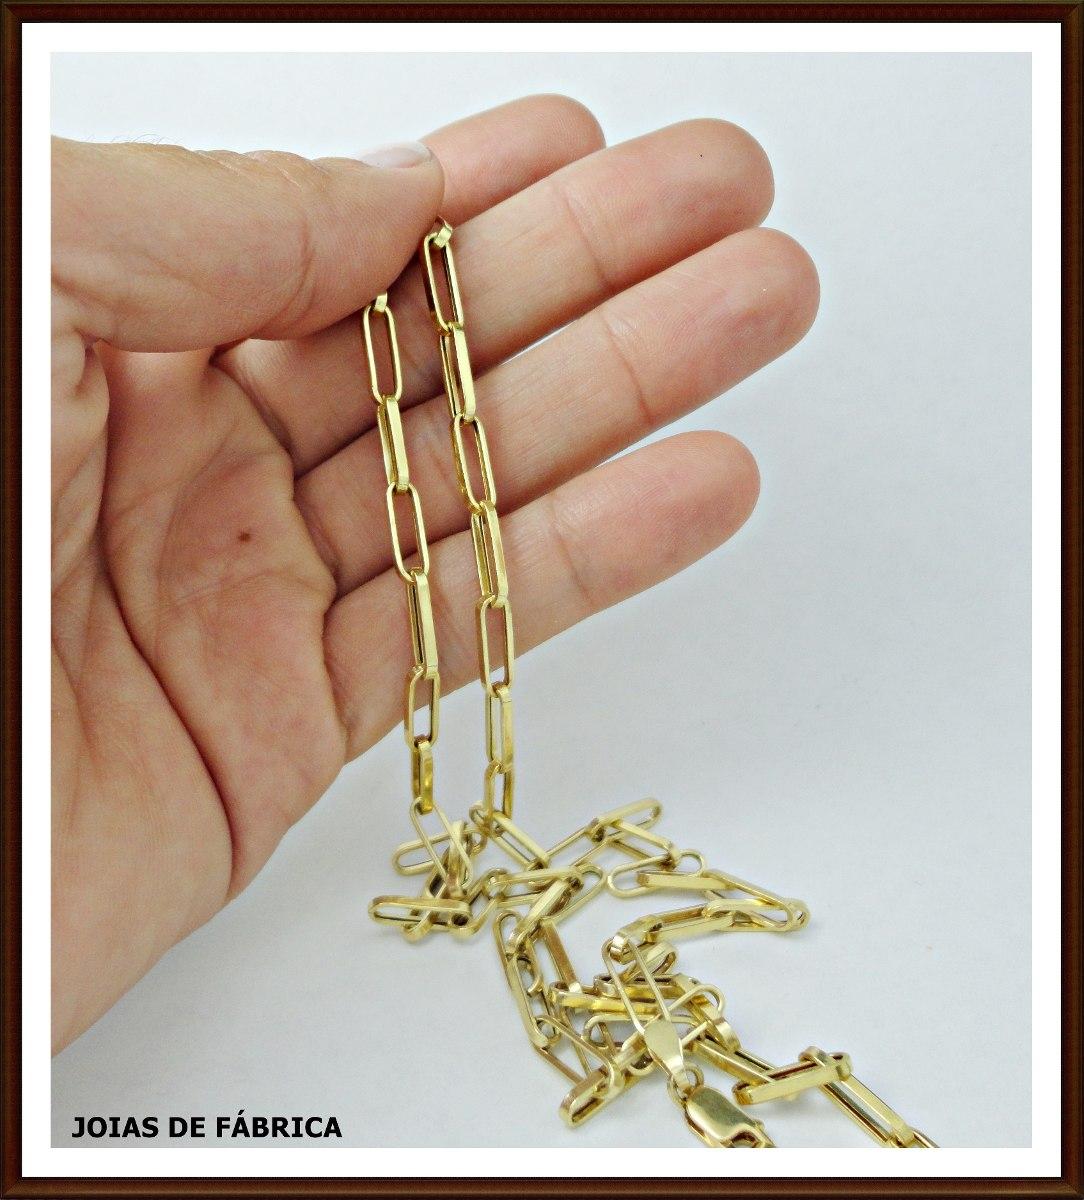 436dfe795d2 ... corrente cartier em ouro 18k com 70cm. Carregando zoom.